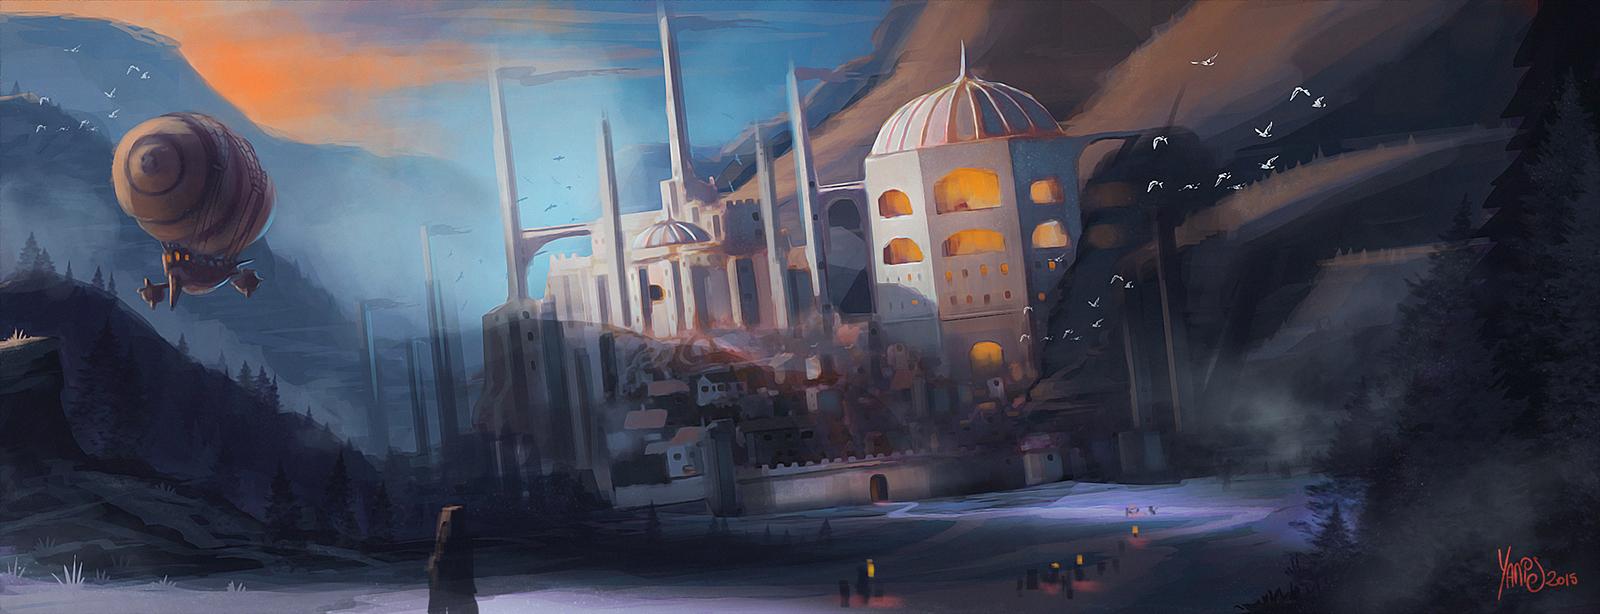 Digital painting de Traaw : Digit en vrac - Page 7 Landscape_by_traaw-d8xwgtt